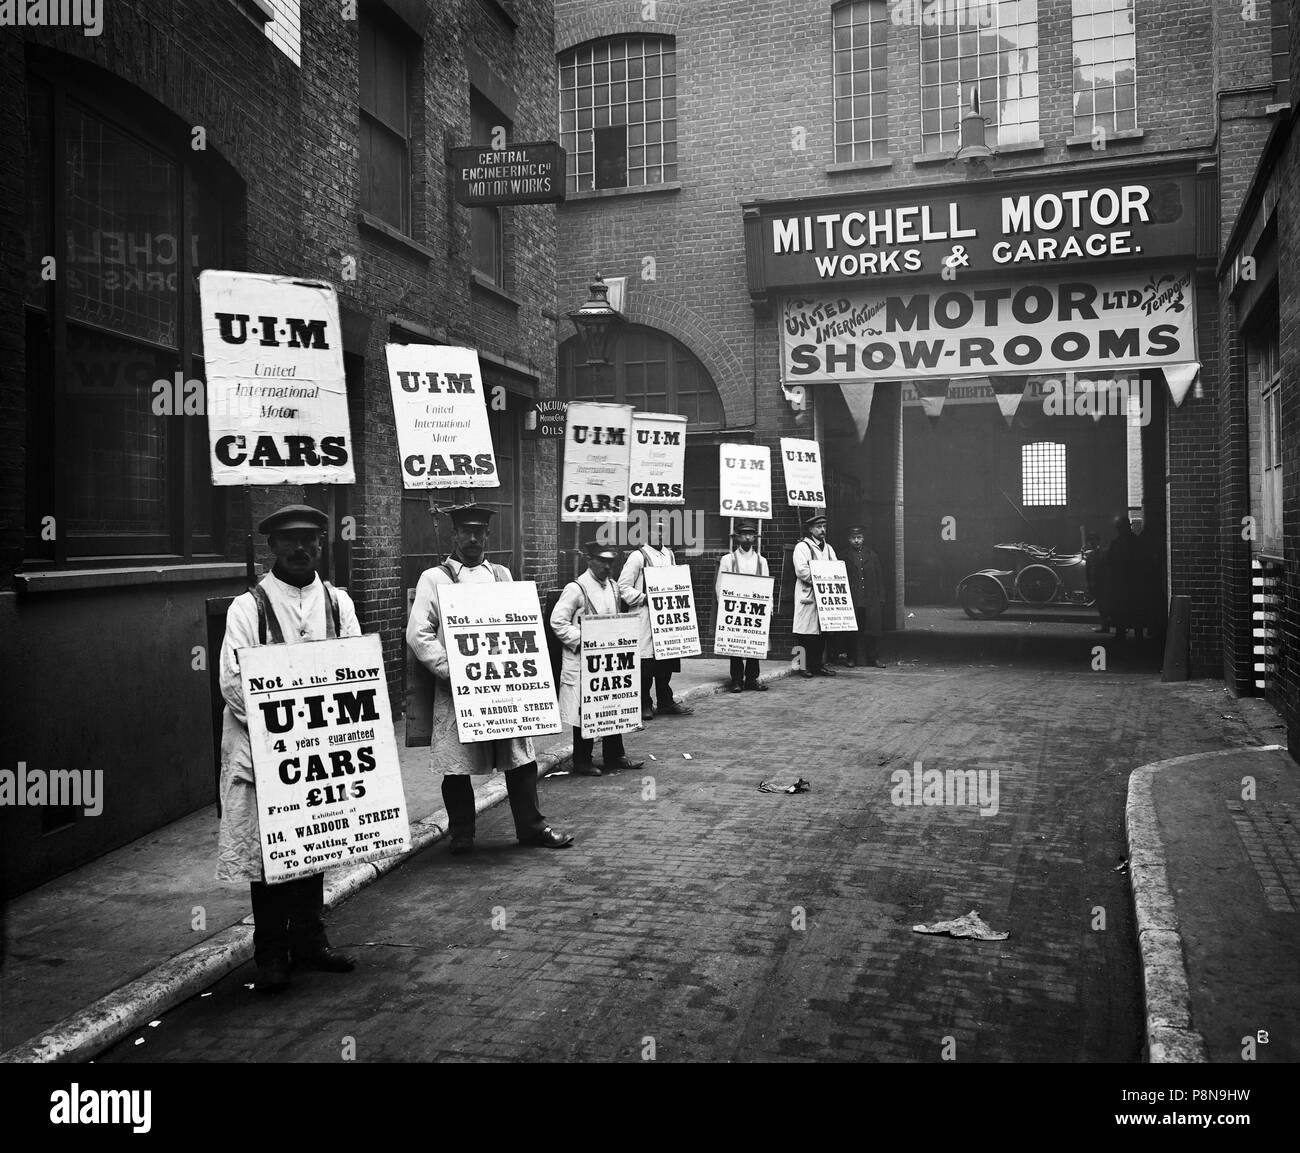 Sandwich board men advertising outside Mitchell Motors, 114 Wardour Street, London, 1910. A line of men wearing sandwich boards advertising United Int - Stock Image